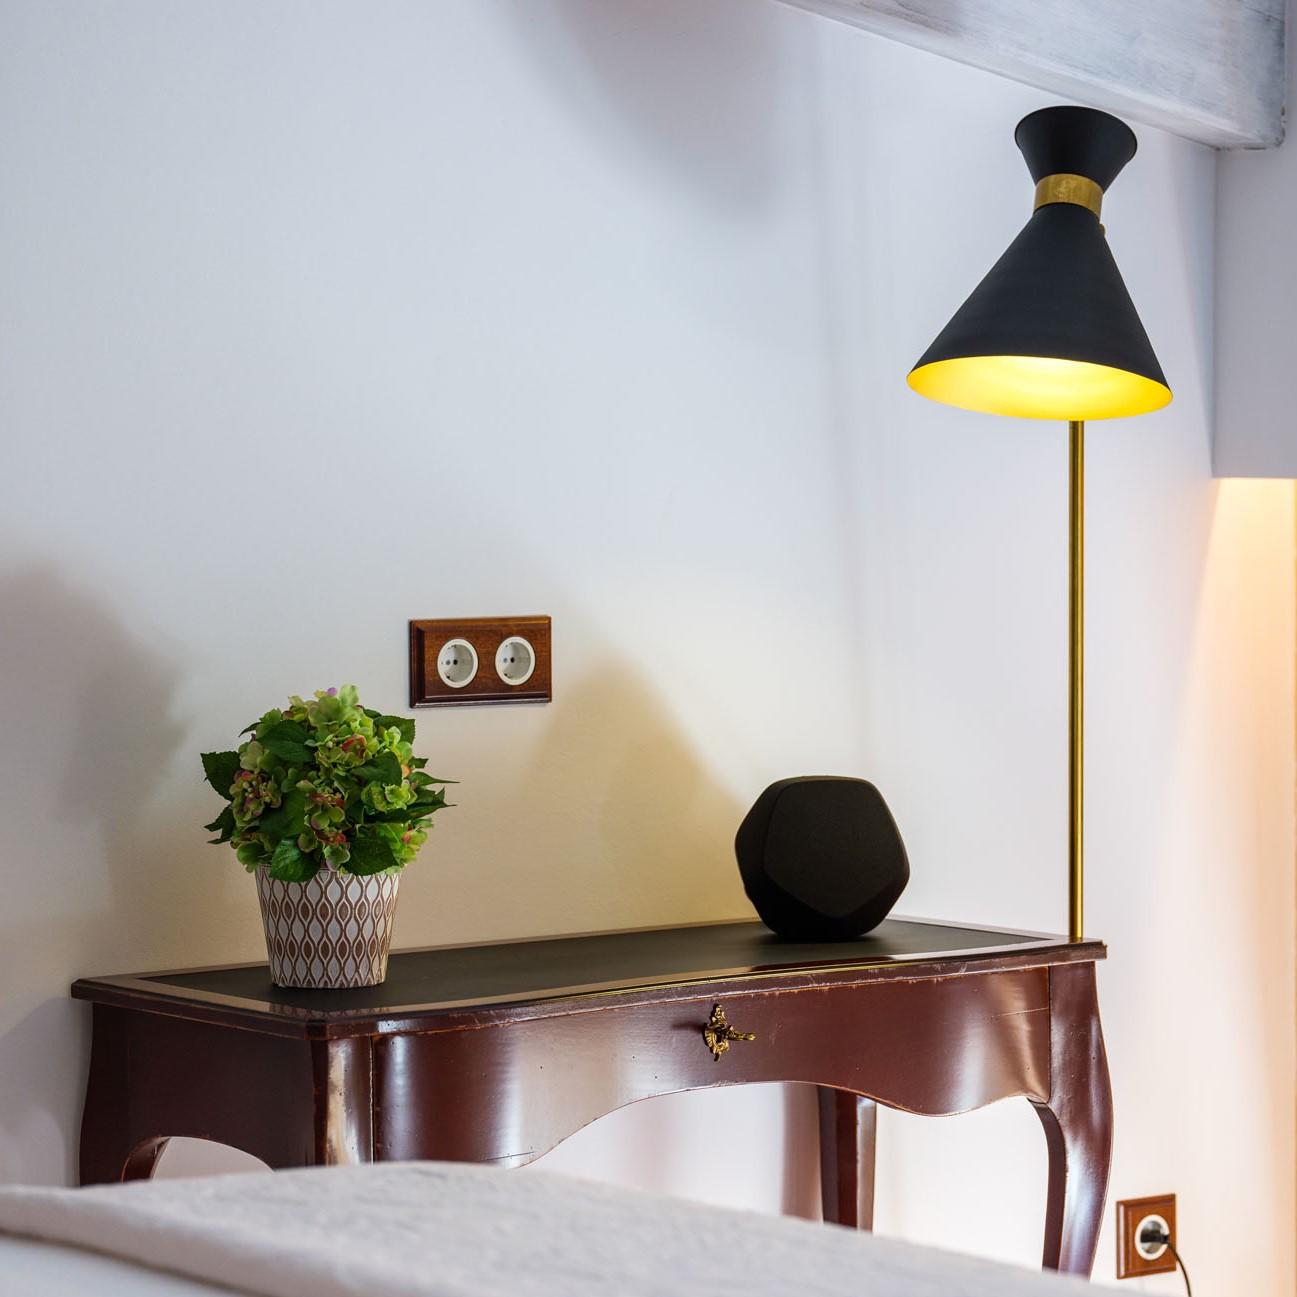 Lámpara de diseño de pie en hotel gloria de sant jaume